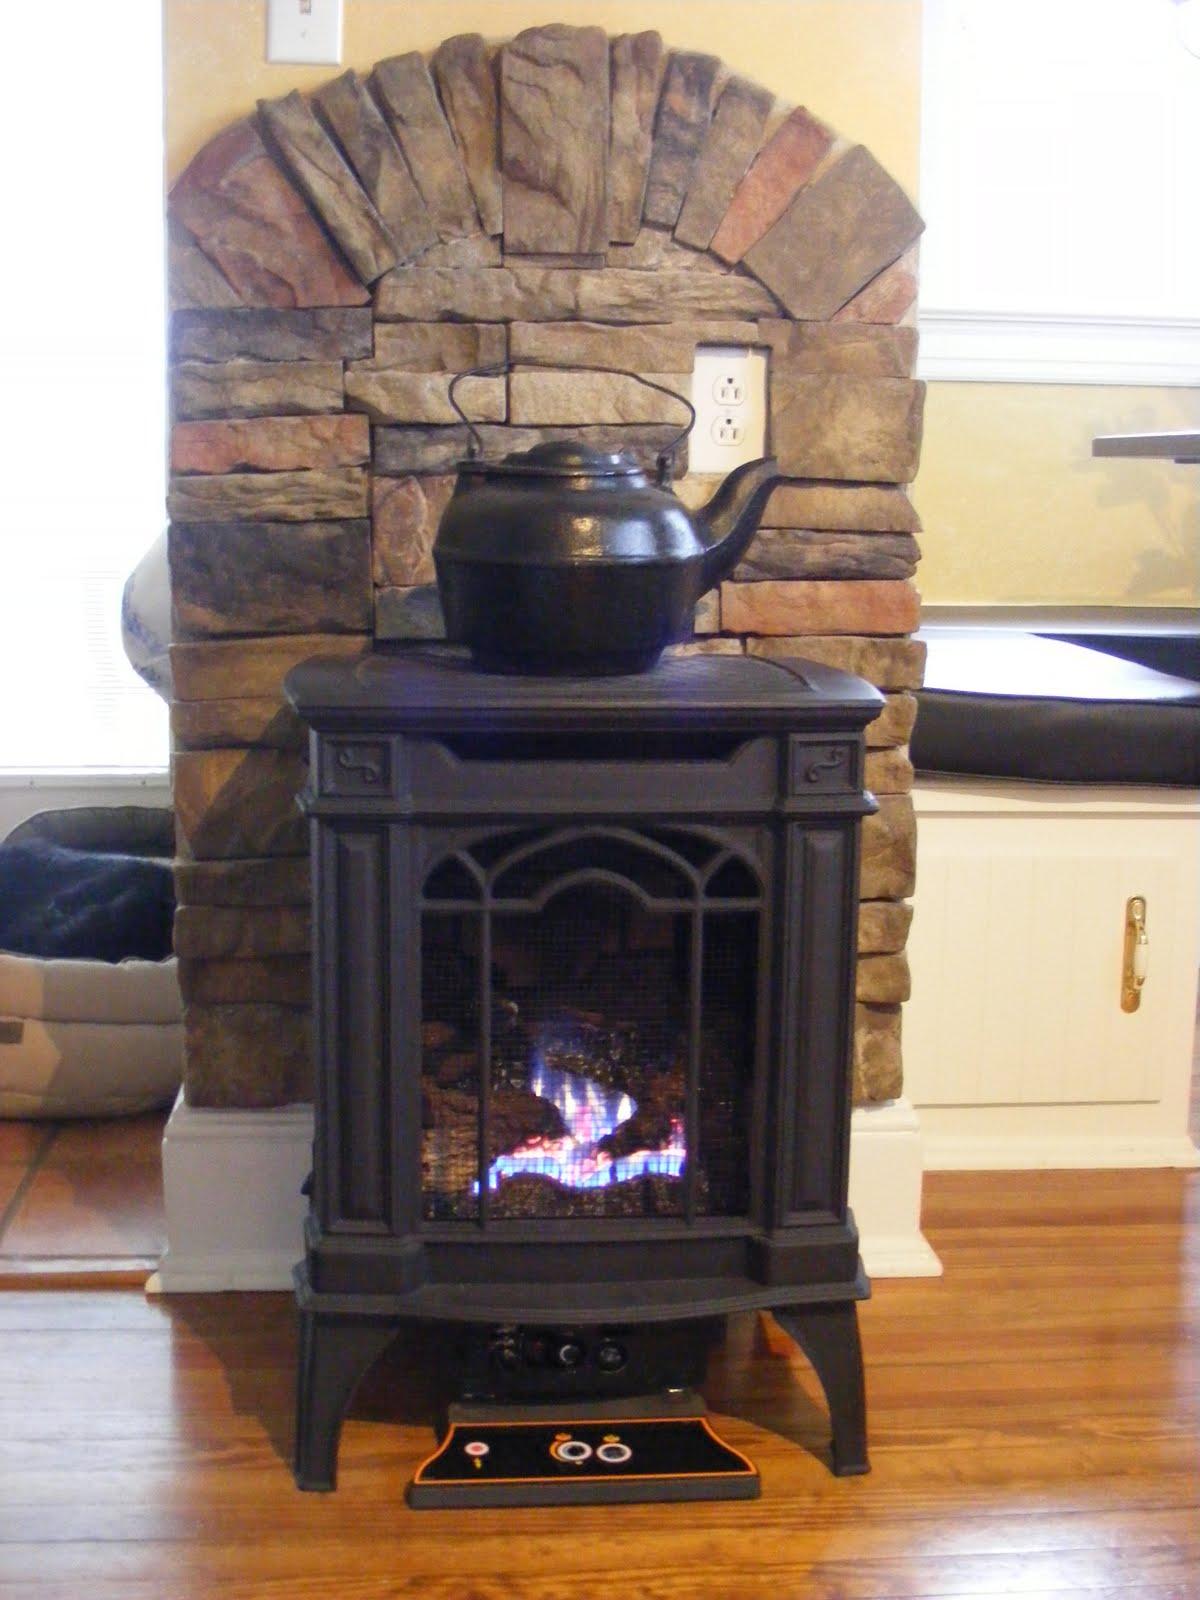 Wayne Dickerson Landscaping, LLC: Outdoor and Indoor